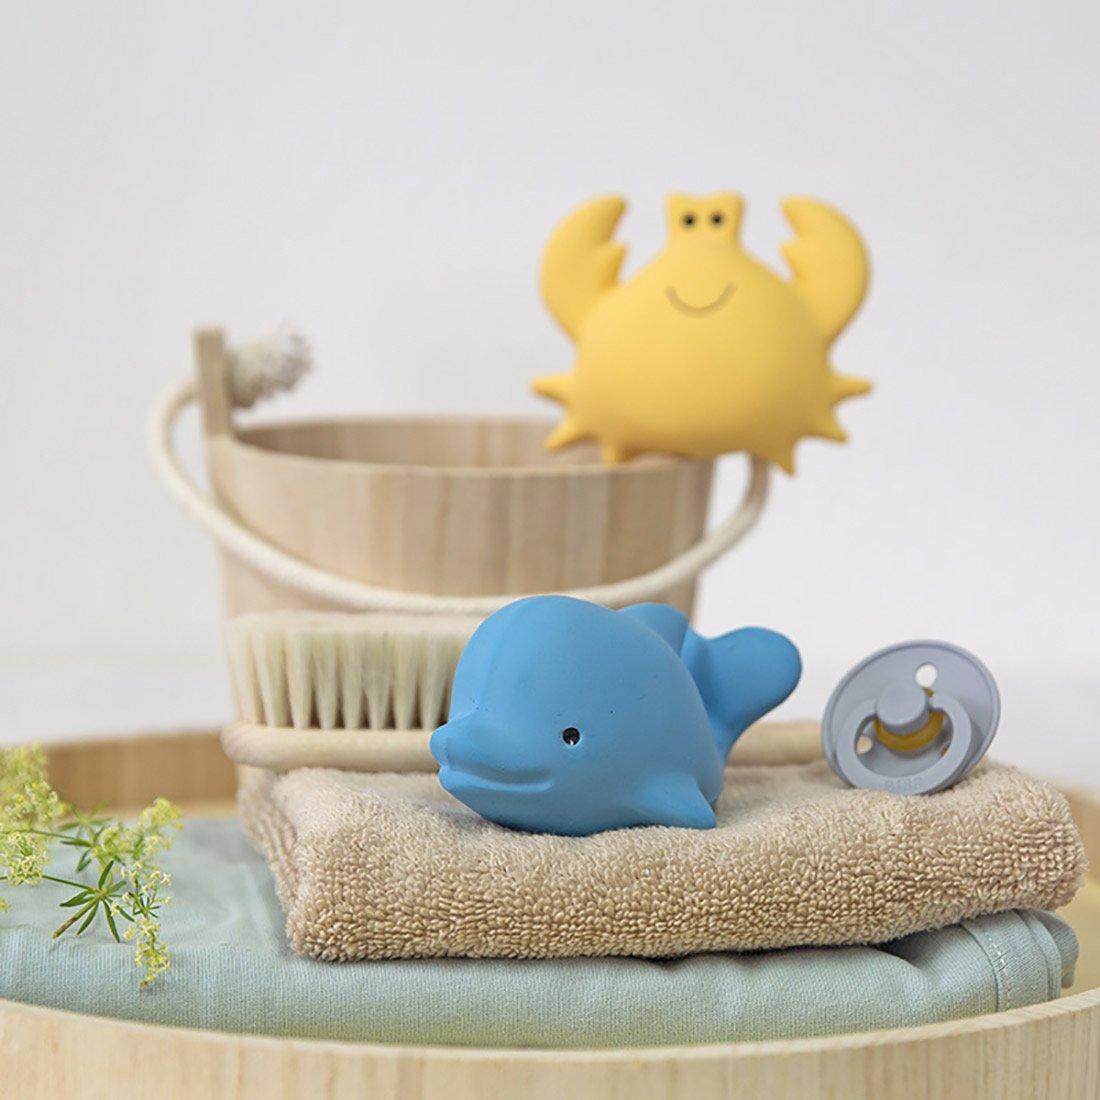 giochi per estate ecologici per bambini